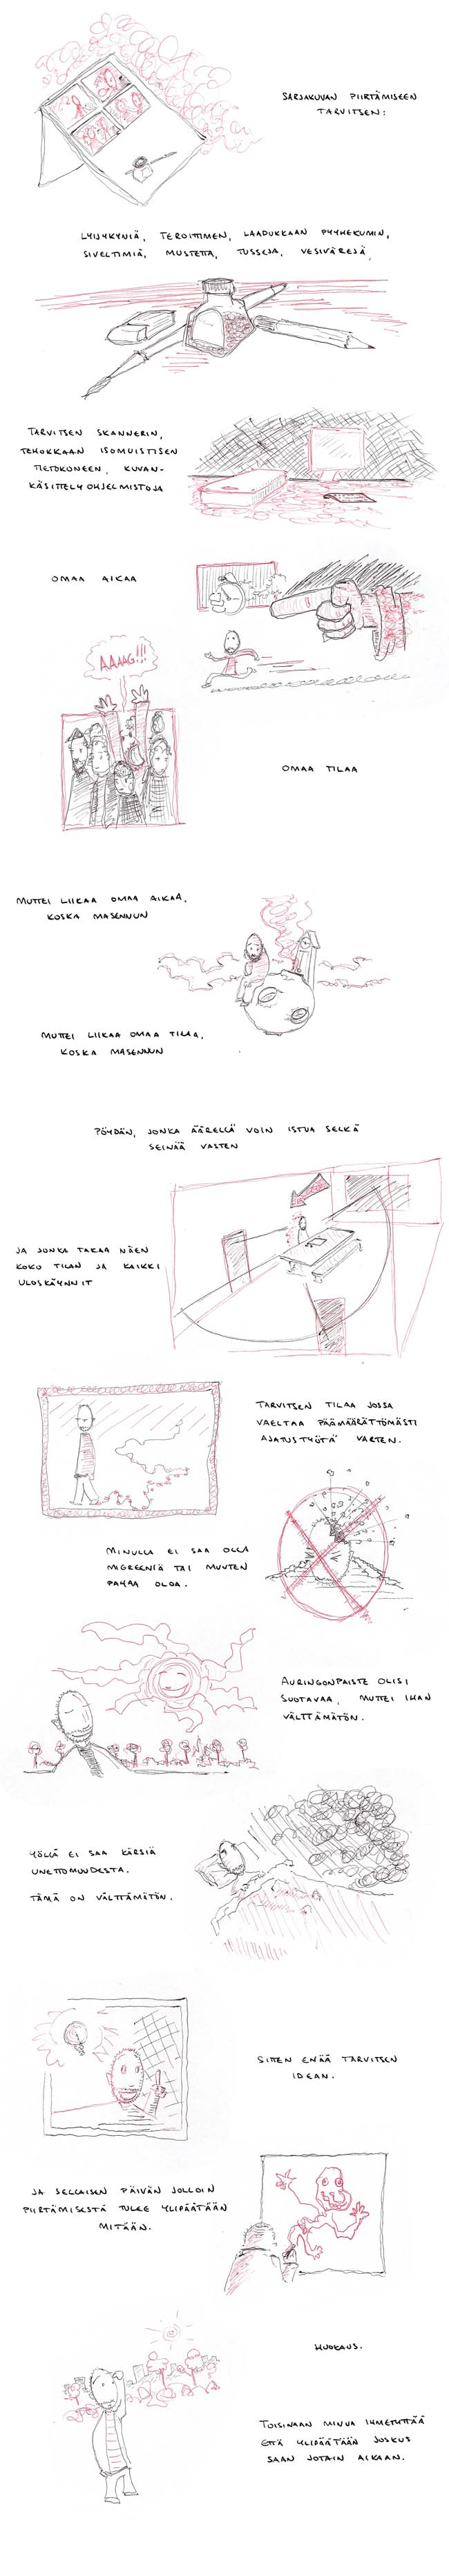 Piirtämiseen tarvitsen